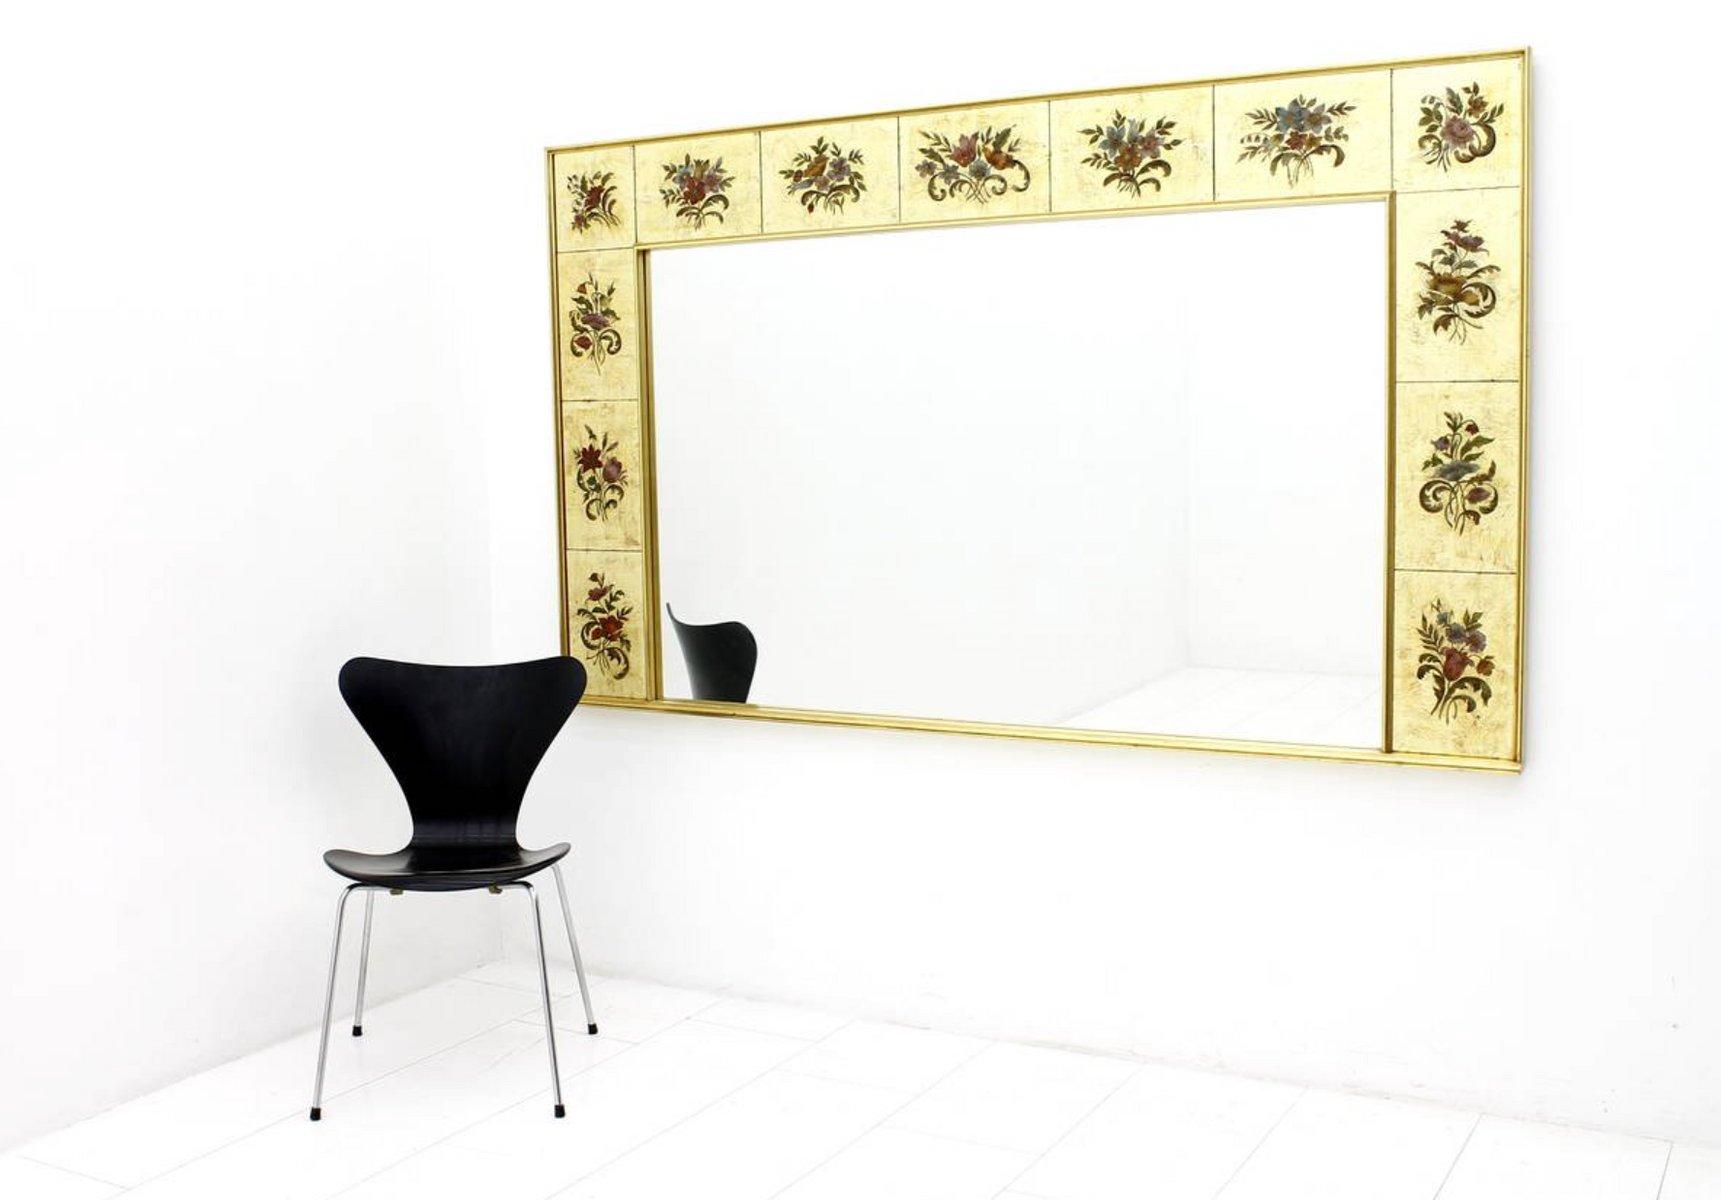 Grand Miroir Mural Décoratif 1980s en vente sur Pamono